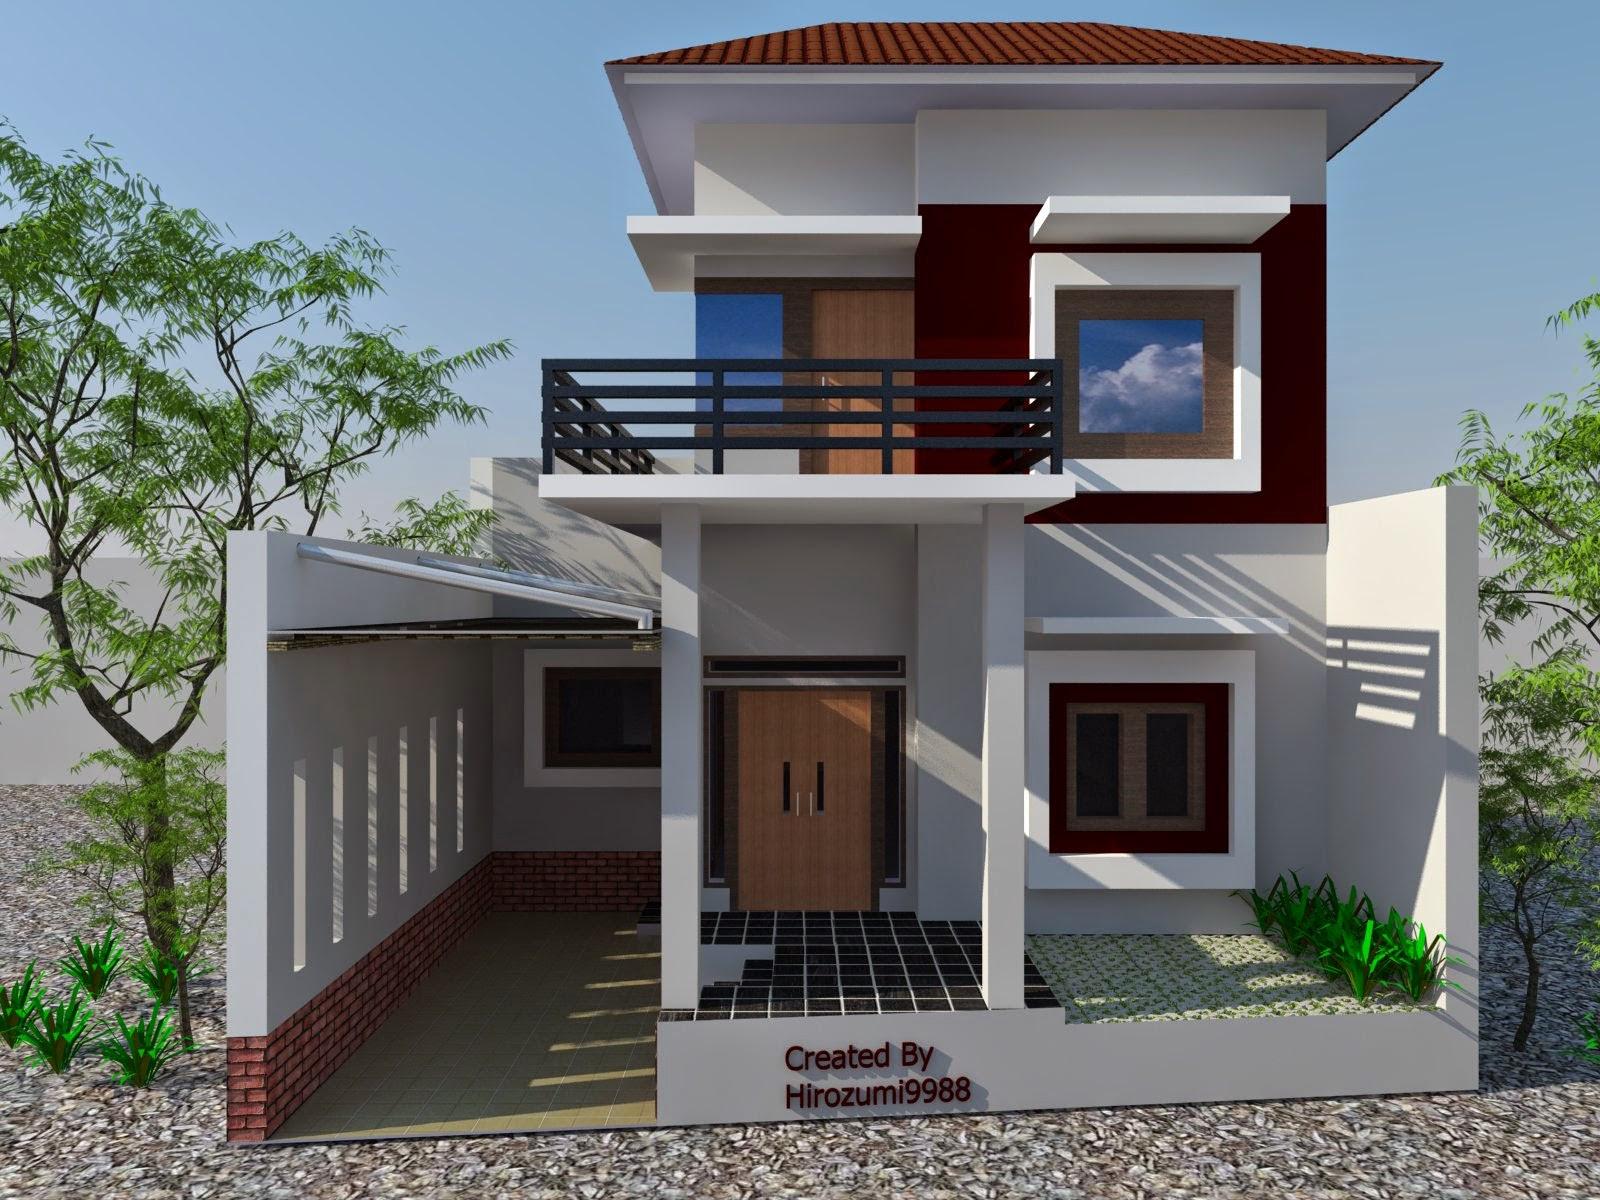 Desain  rumah  minimalis 2  lantai  terbaru Desain  Rumah